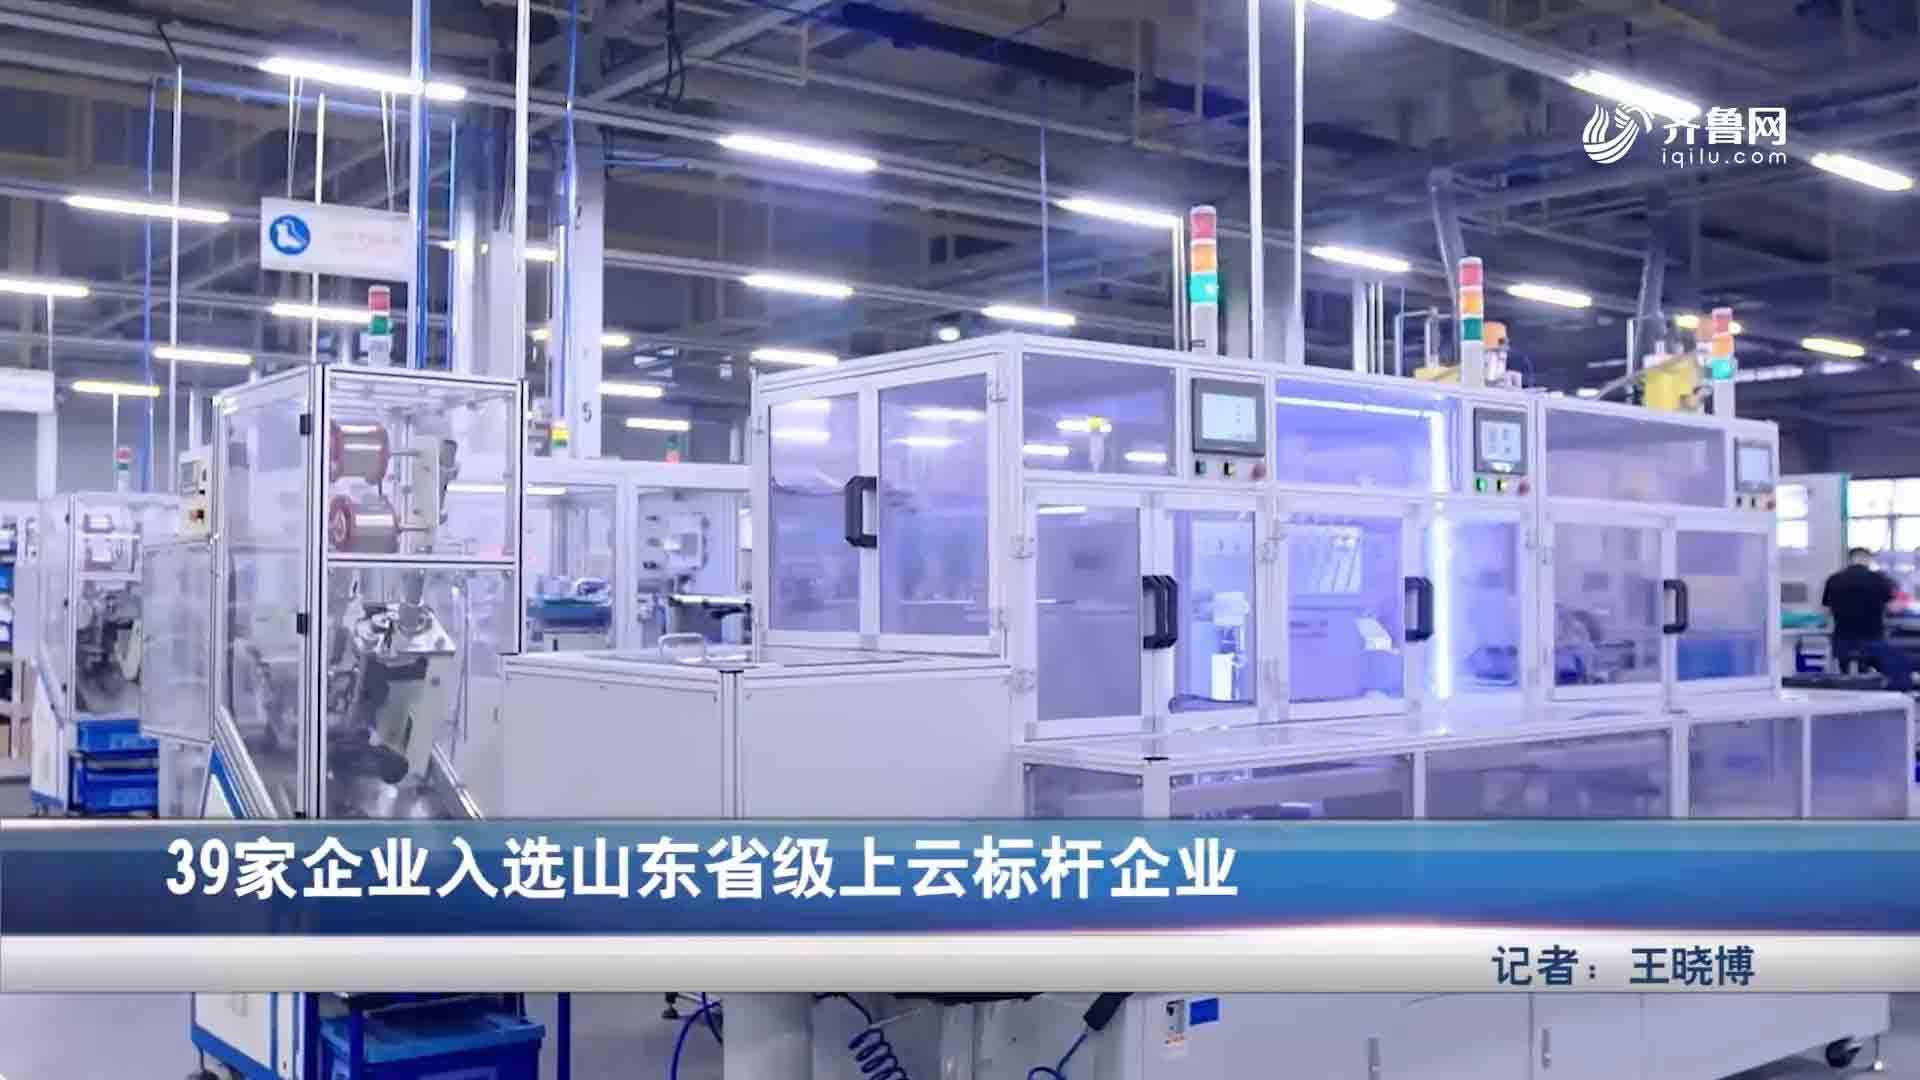 39家企业入选山东省上云标杆企业